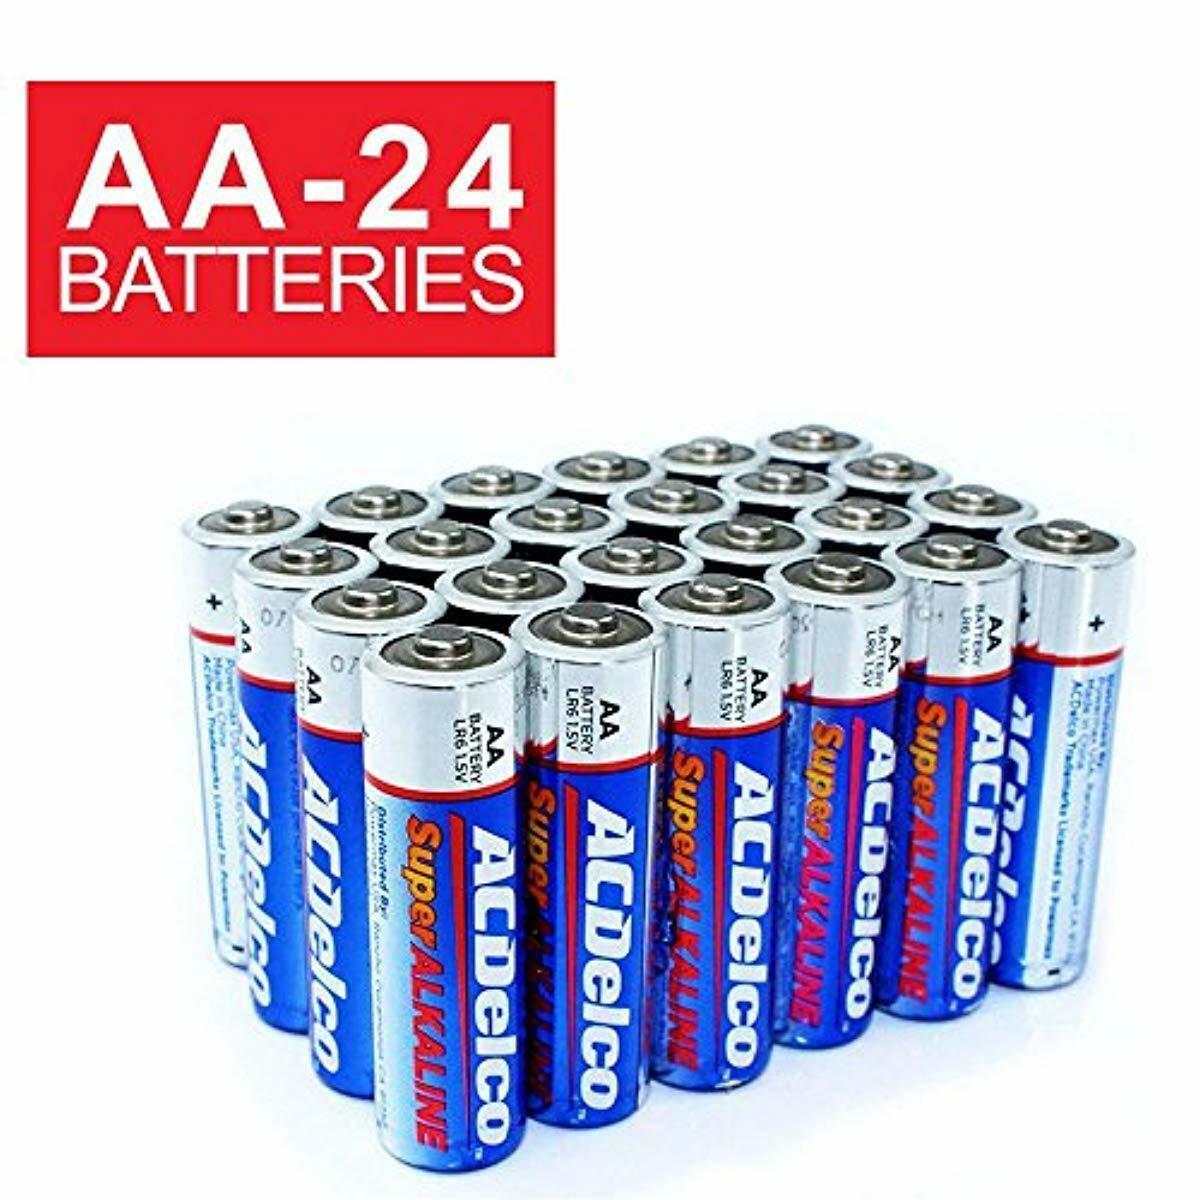 ACDelco AA Batteries, 24 Count, Alkaline Battery